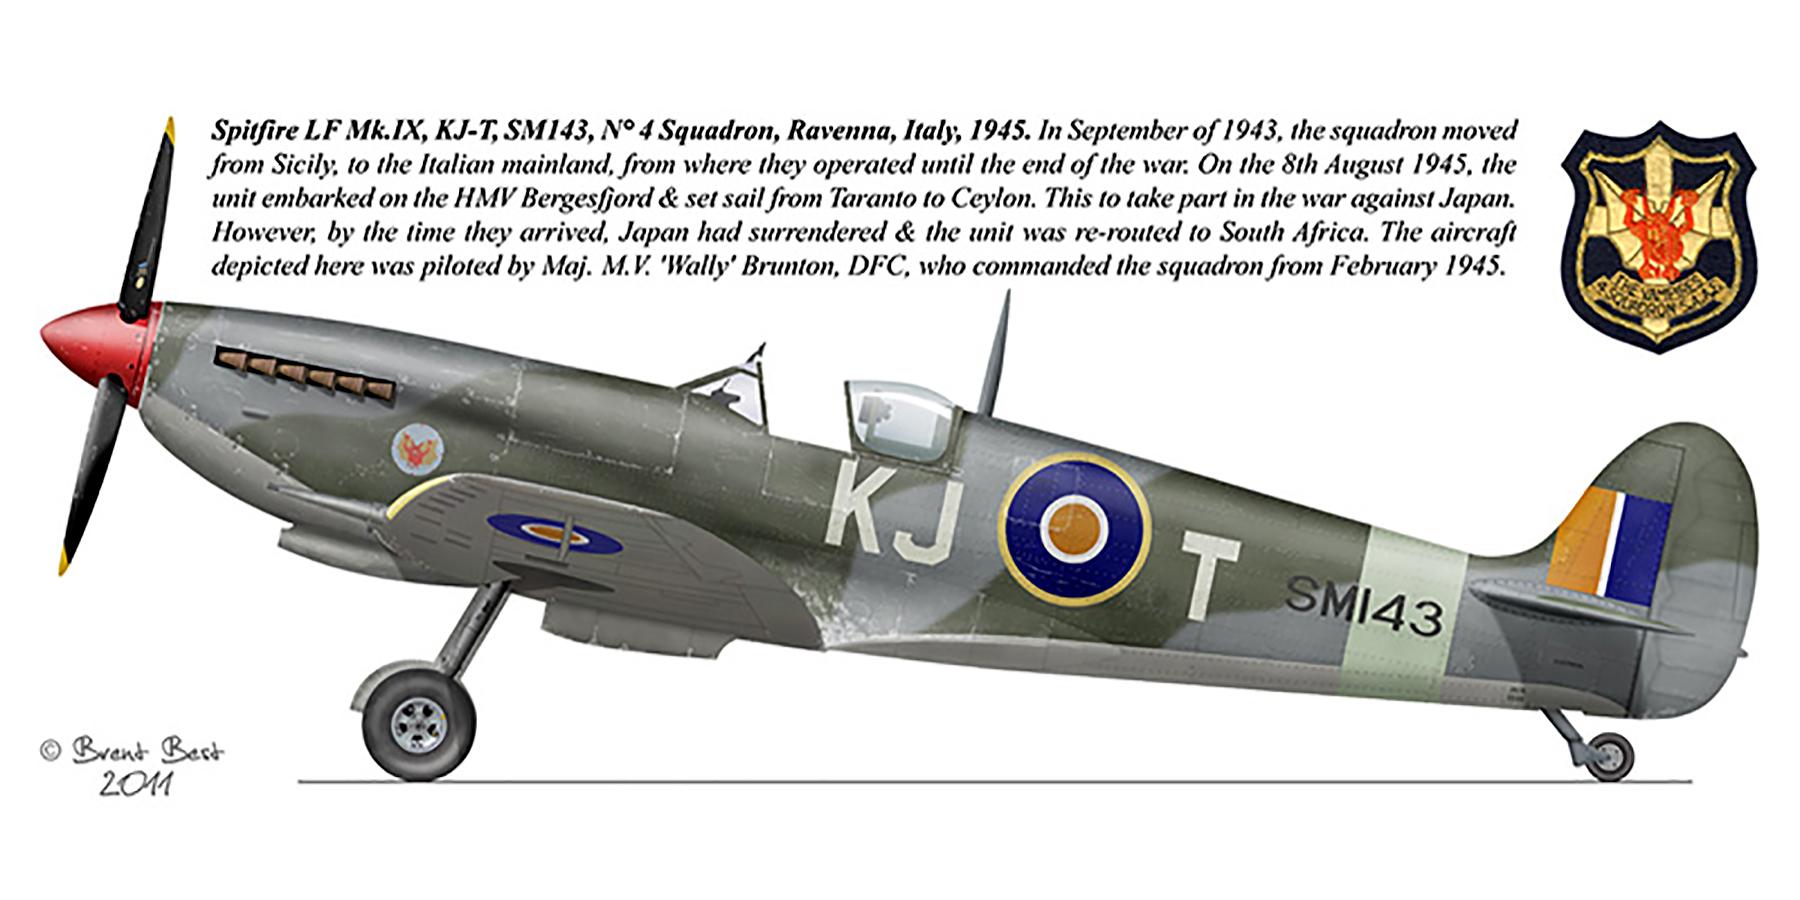 Spitfire LFIX SAAF 4Sqn KJT Maj Brunton SM143 Ravenna Italy 1945 0B